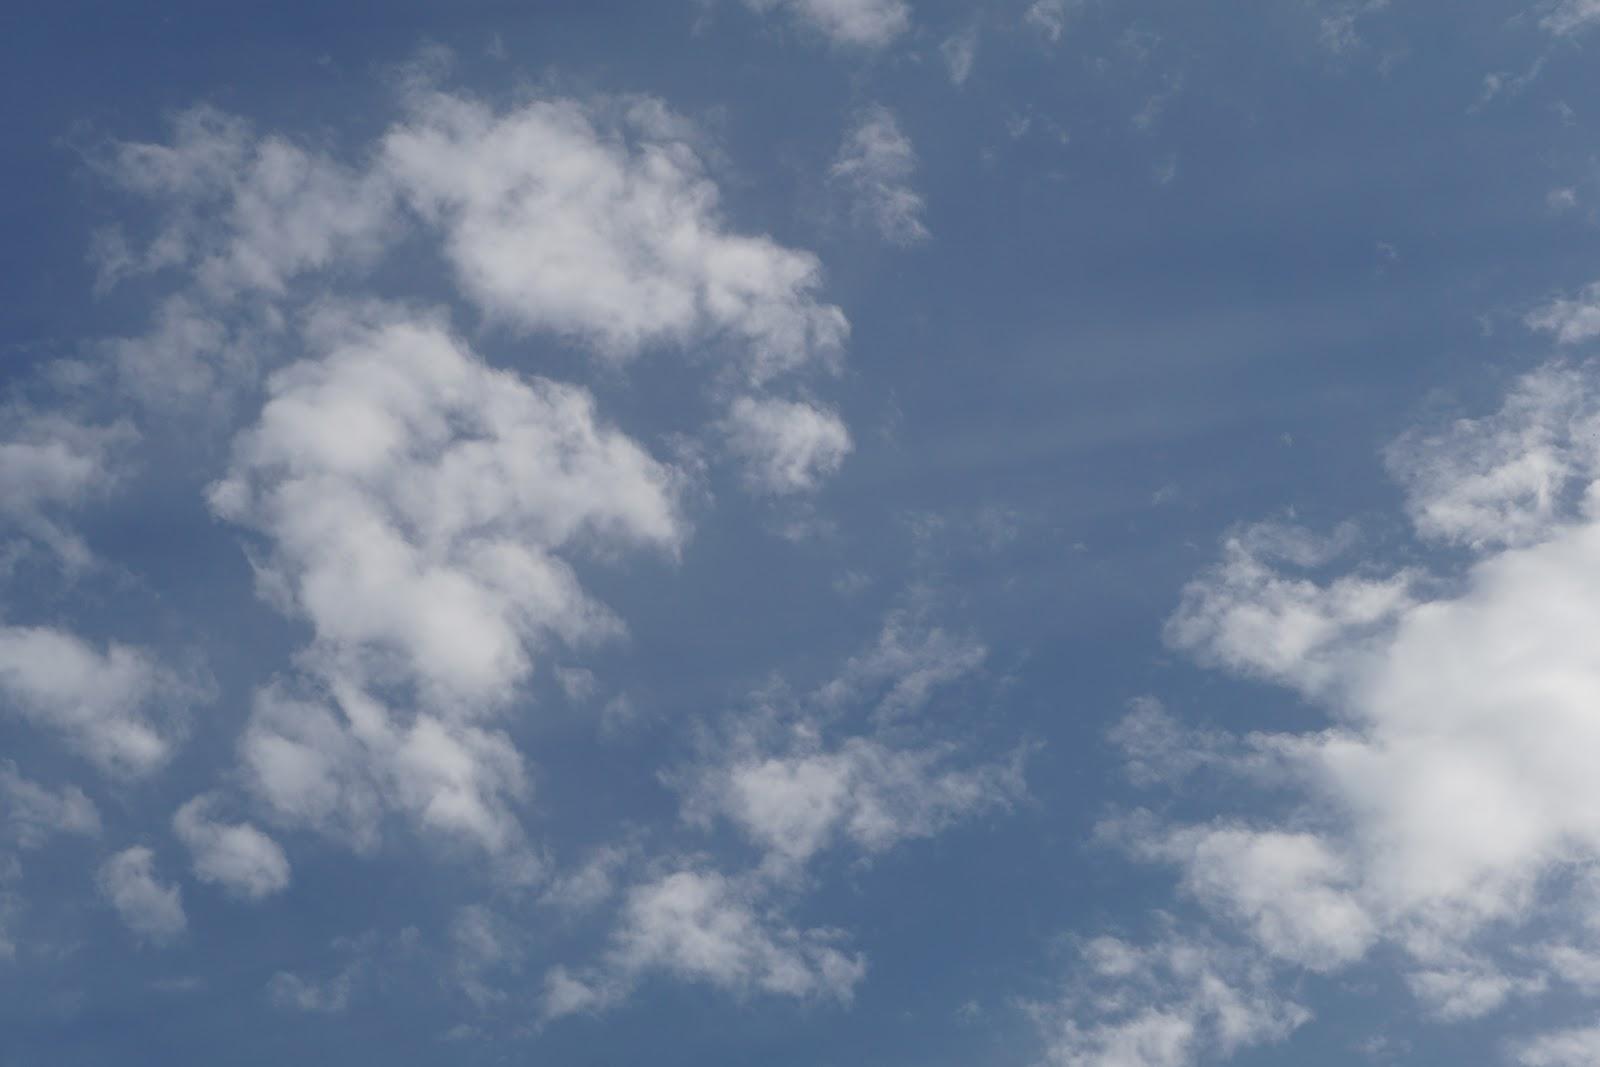 明るい空に柔らかな雲